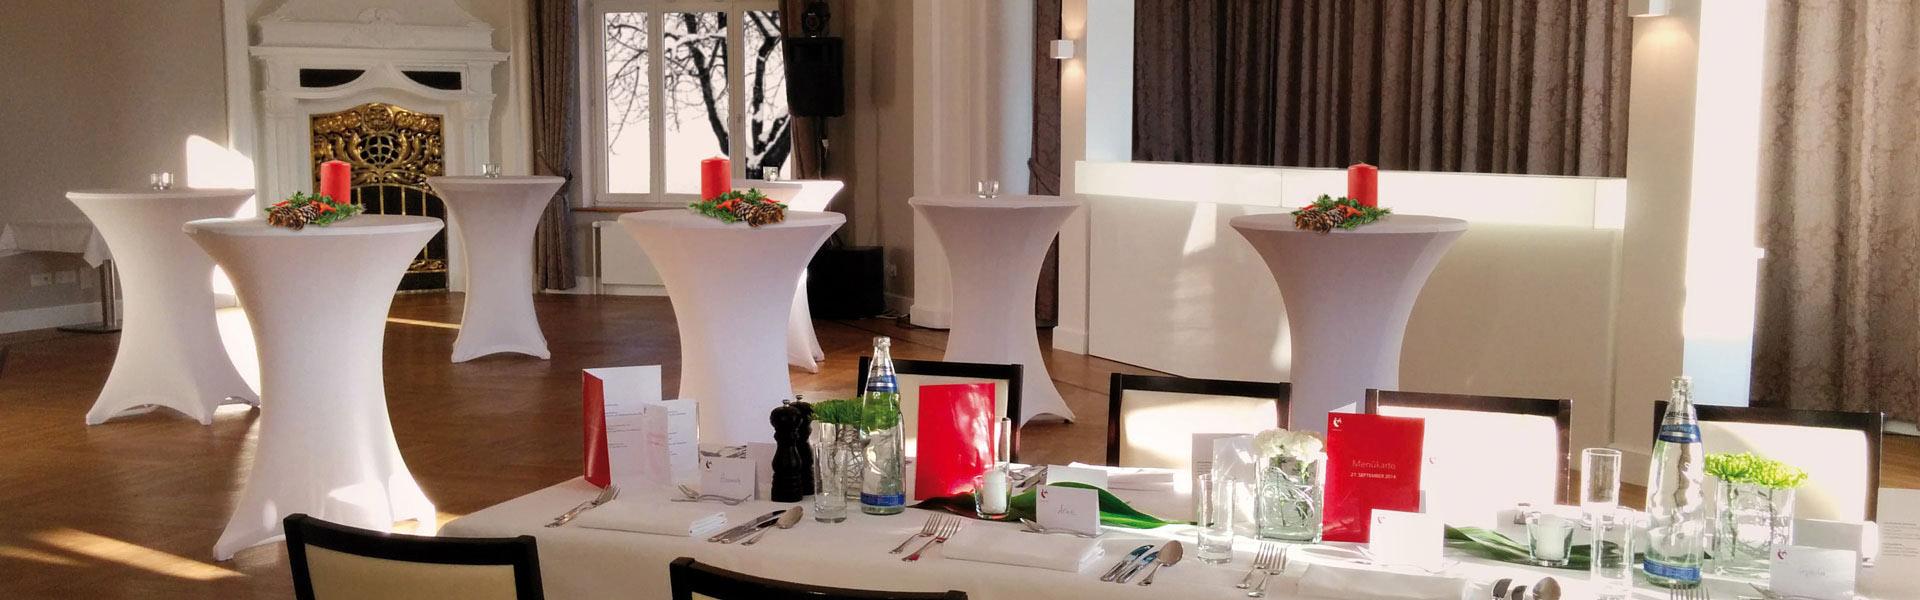 Veranstaltungsraum Bielefeld Hotel Innenstadt